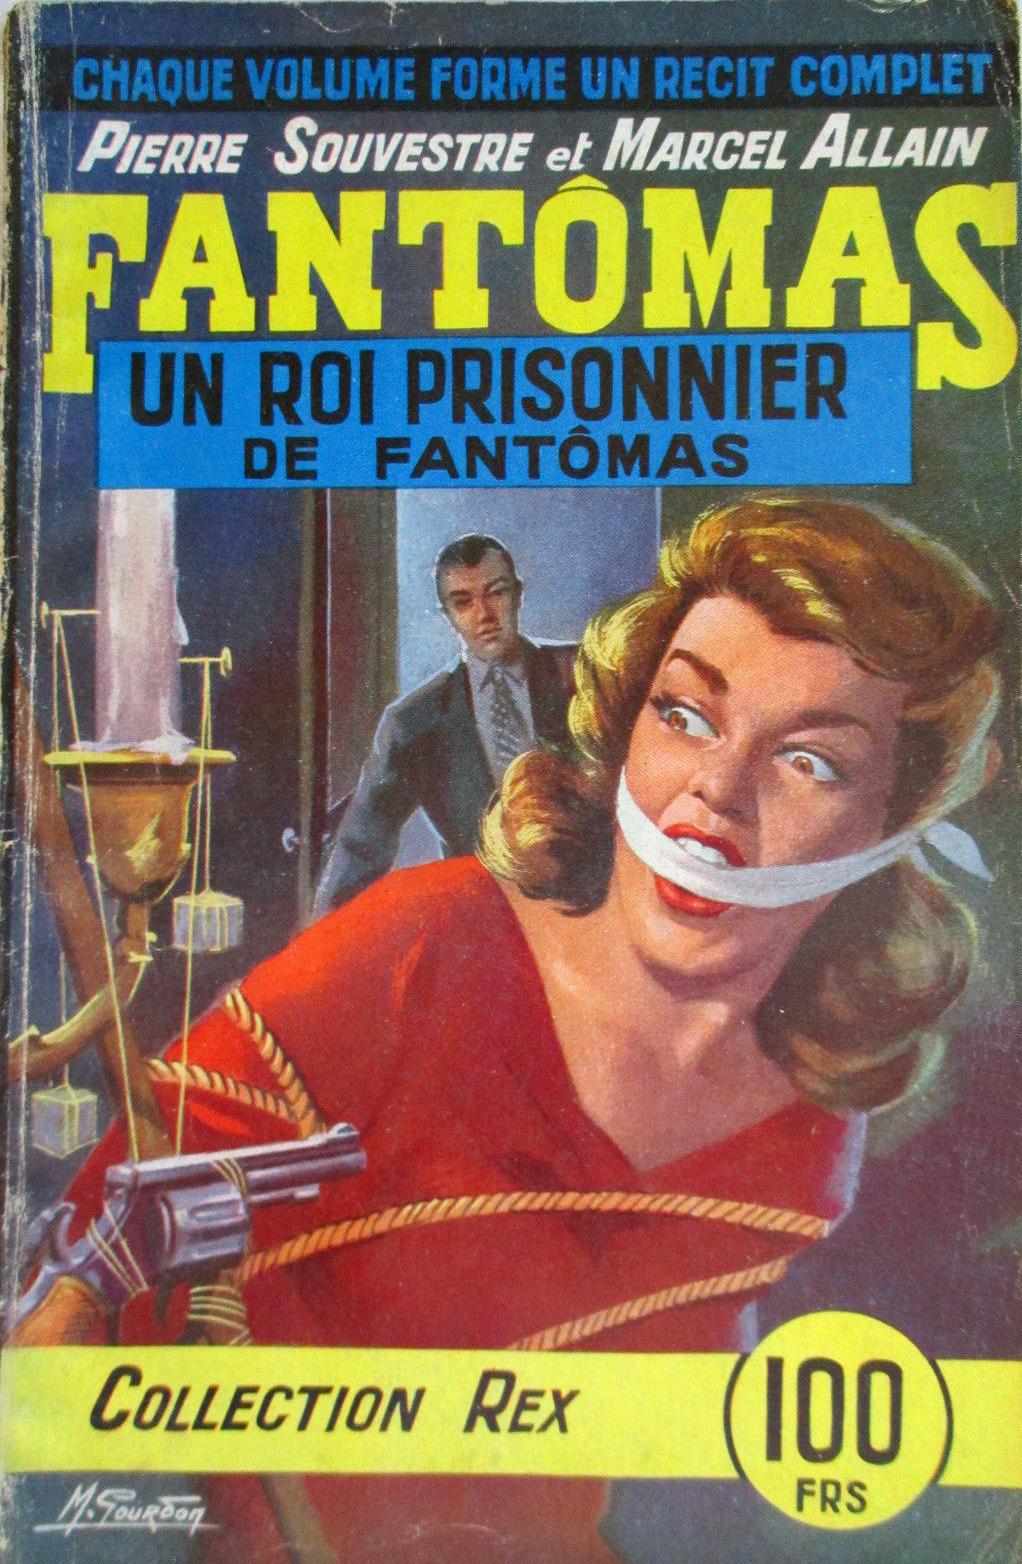 Fantomas by trichyda